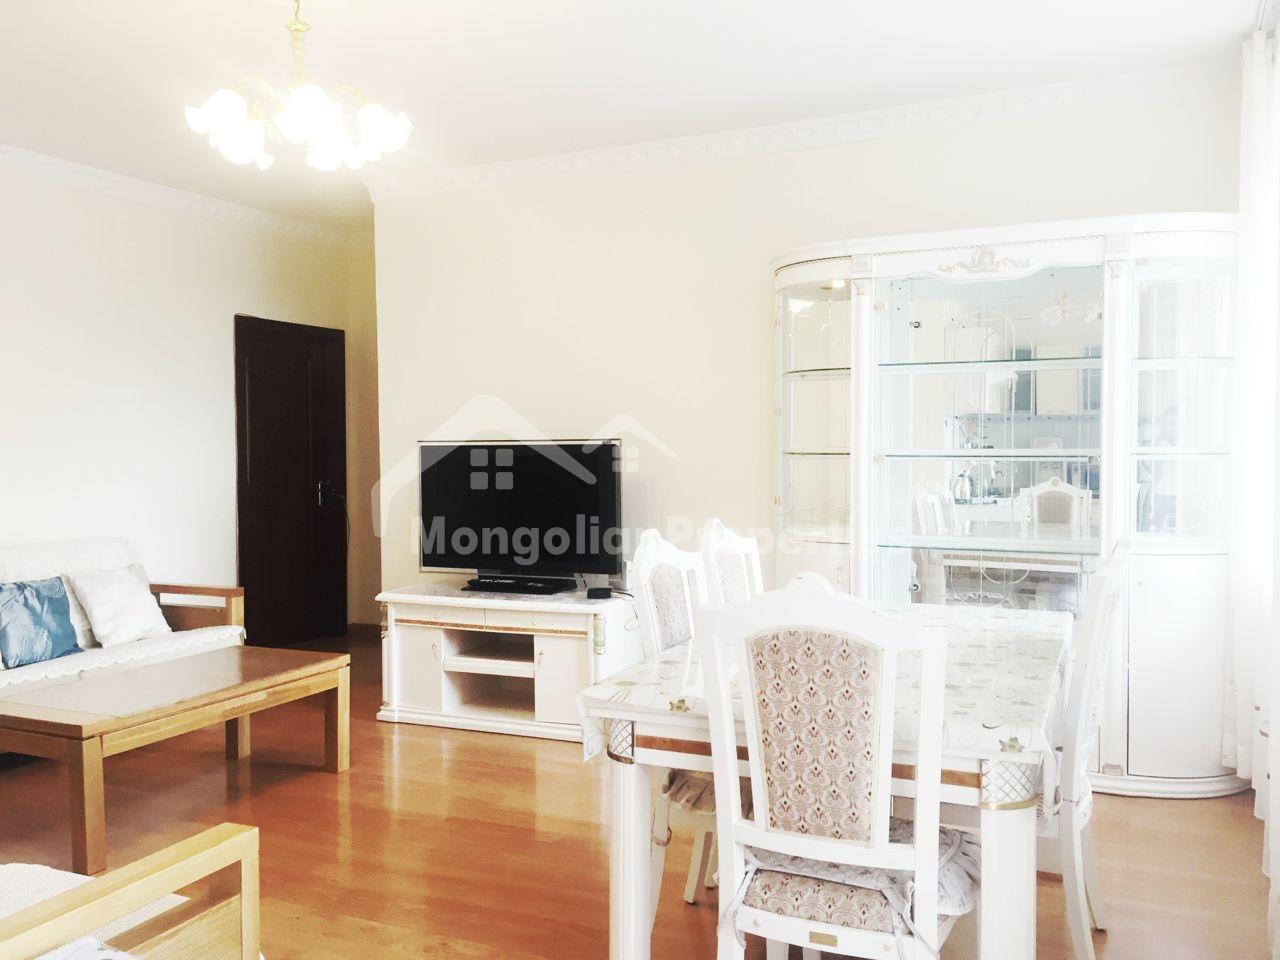 Cozy 1 bedroom is for rent In Elite complex near Shangrila Hotel